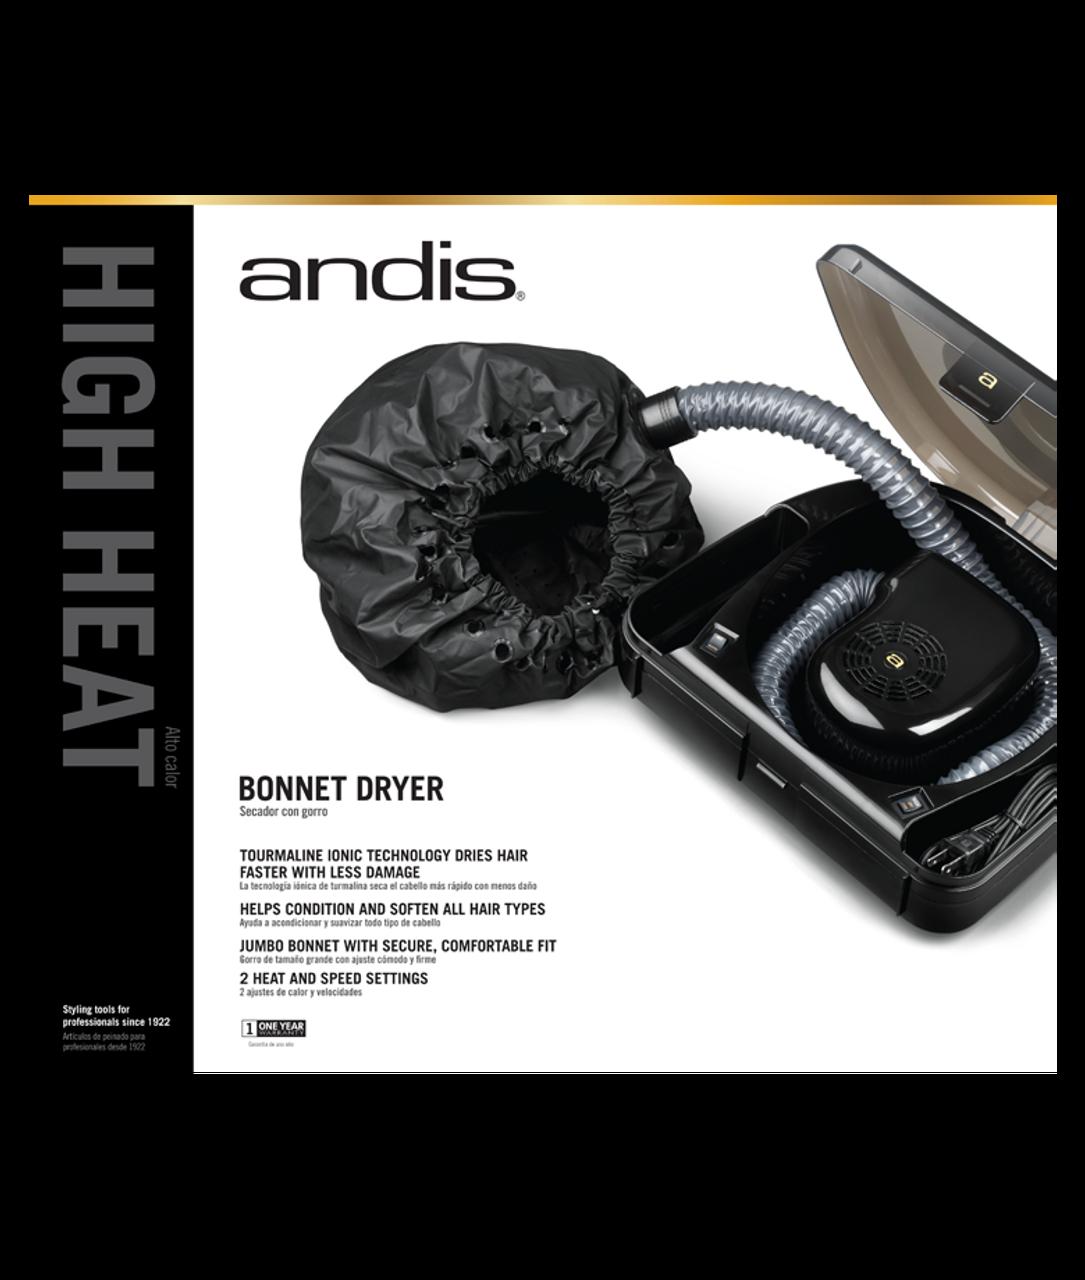 Andis Bonnet Dryer